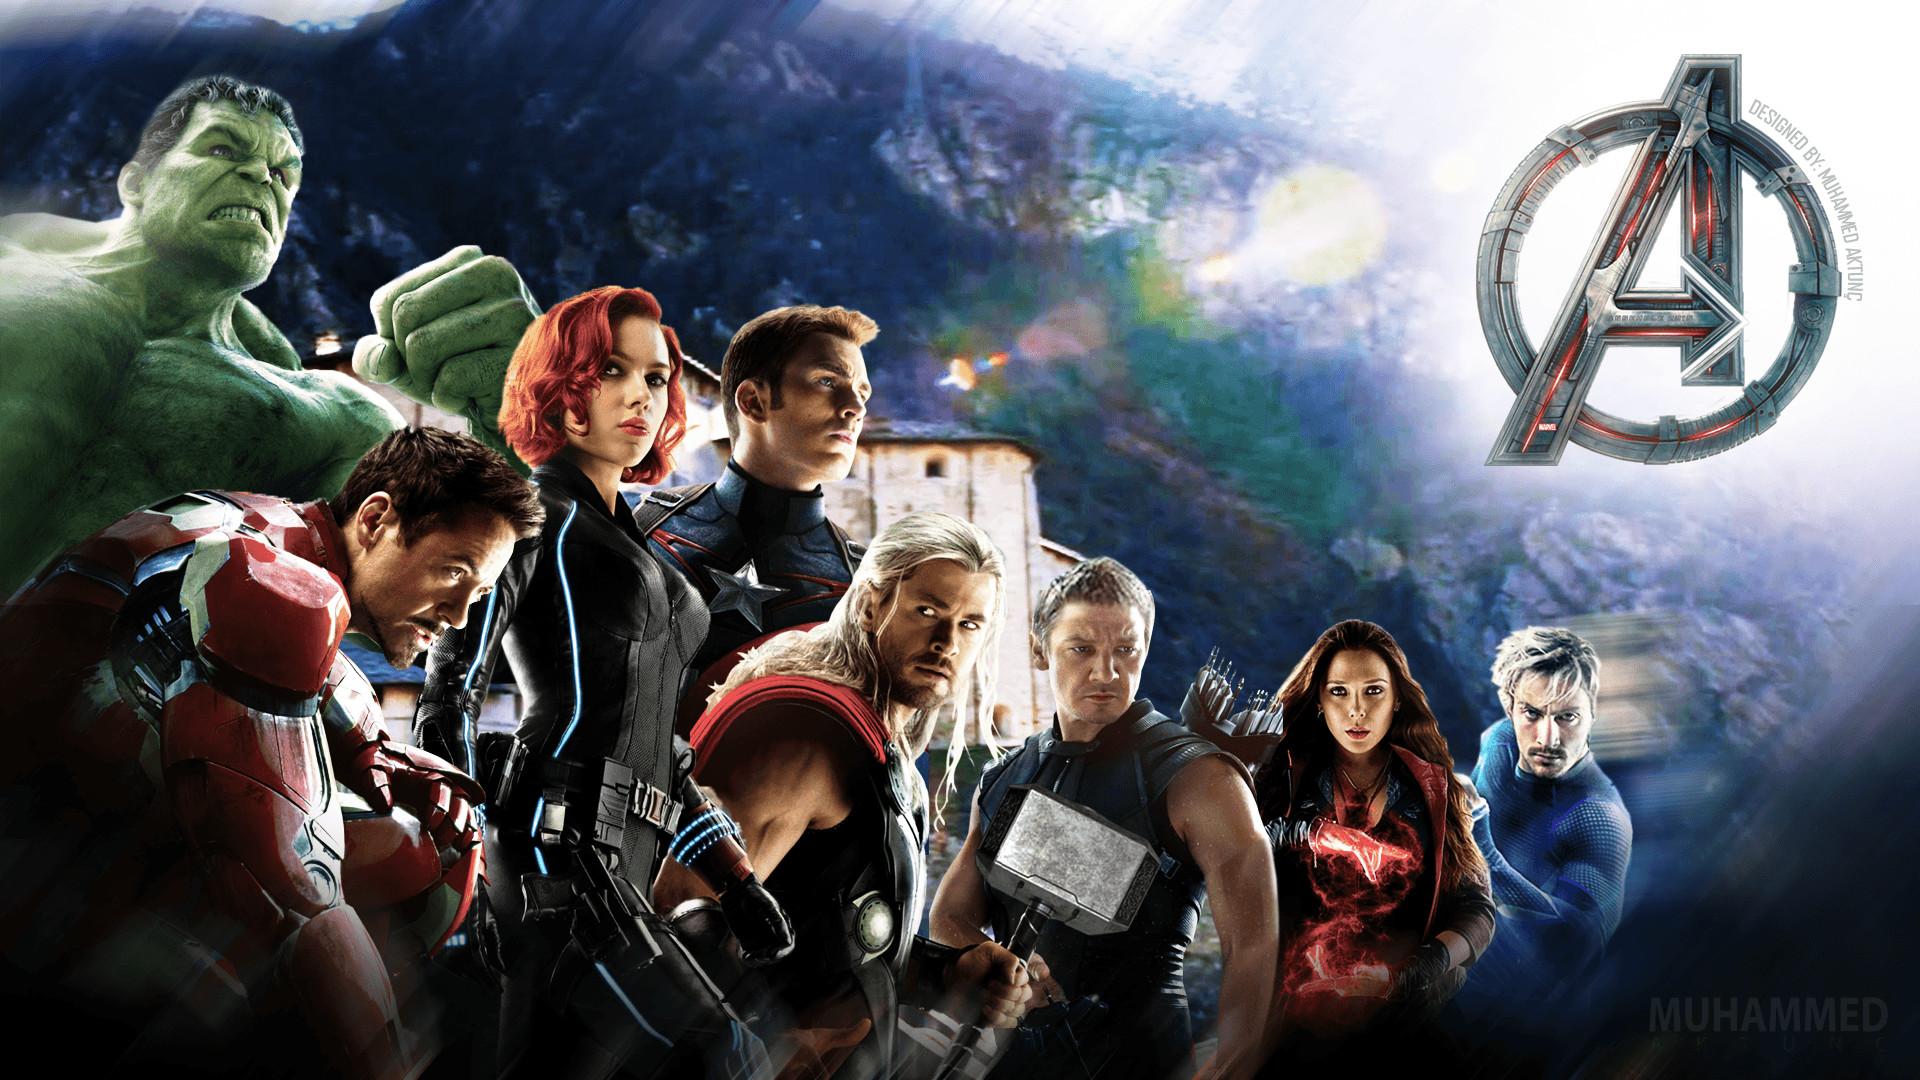 MARVEL's Avengers: Age of Ultron HD Wallpaper by muhammedaktunc …